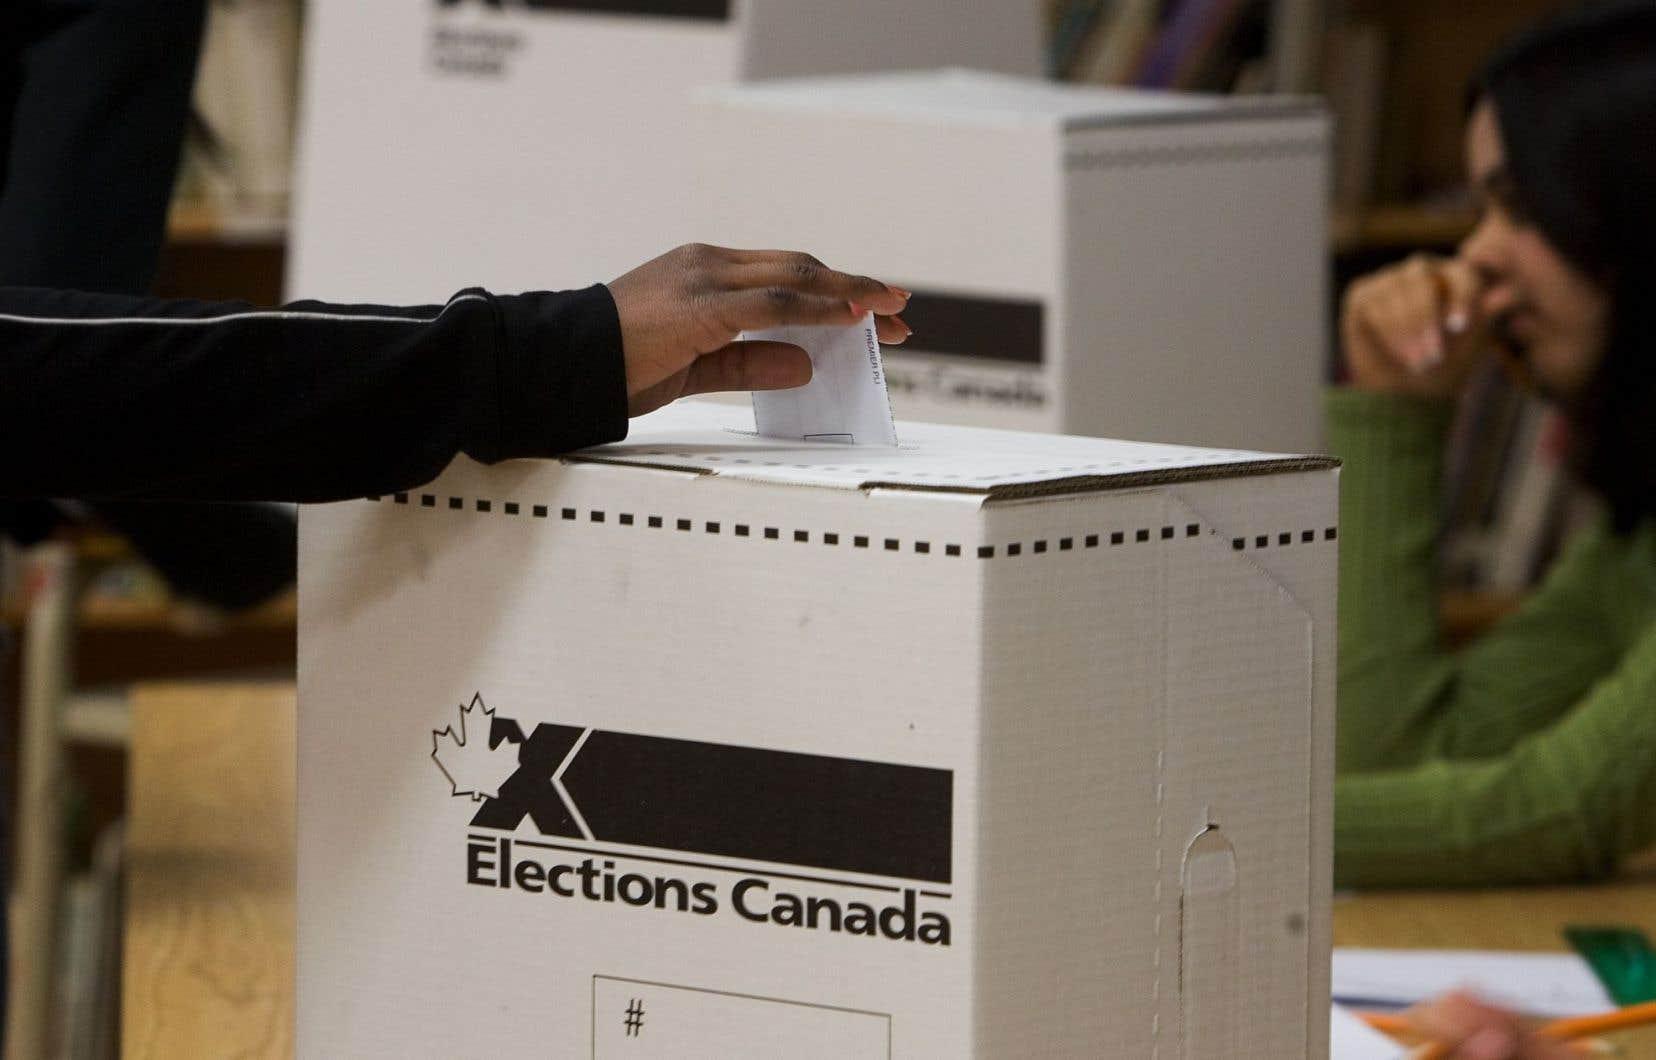 Les conservateurs veulent aussi s'assurer que les électeurs à l'étranger ne « magasinent » pas la circonscription dans laquelle ils votent.